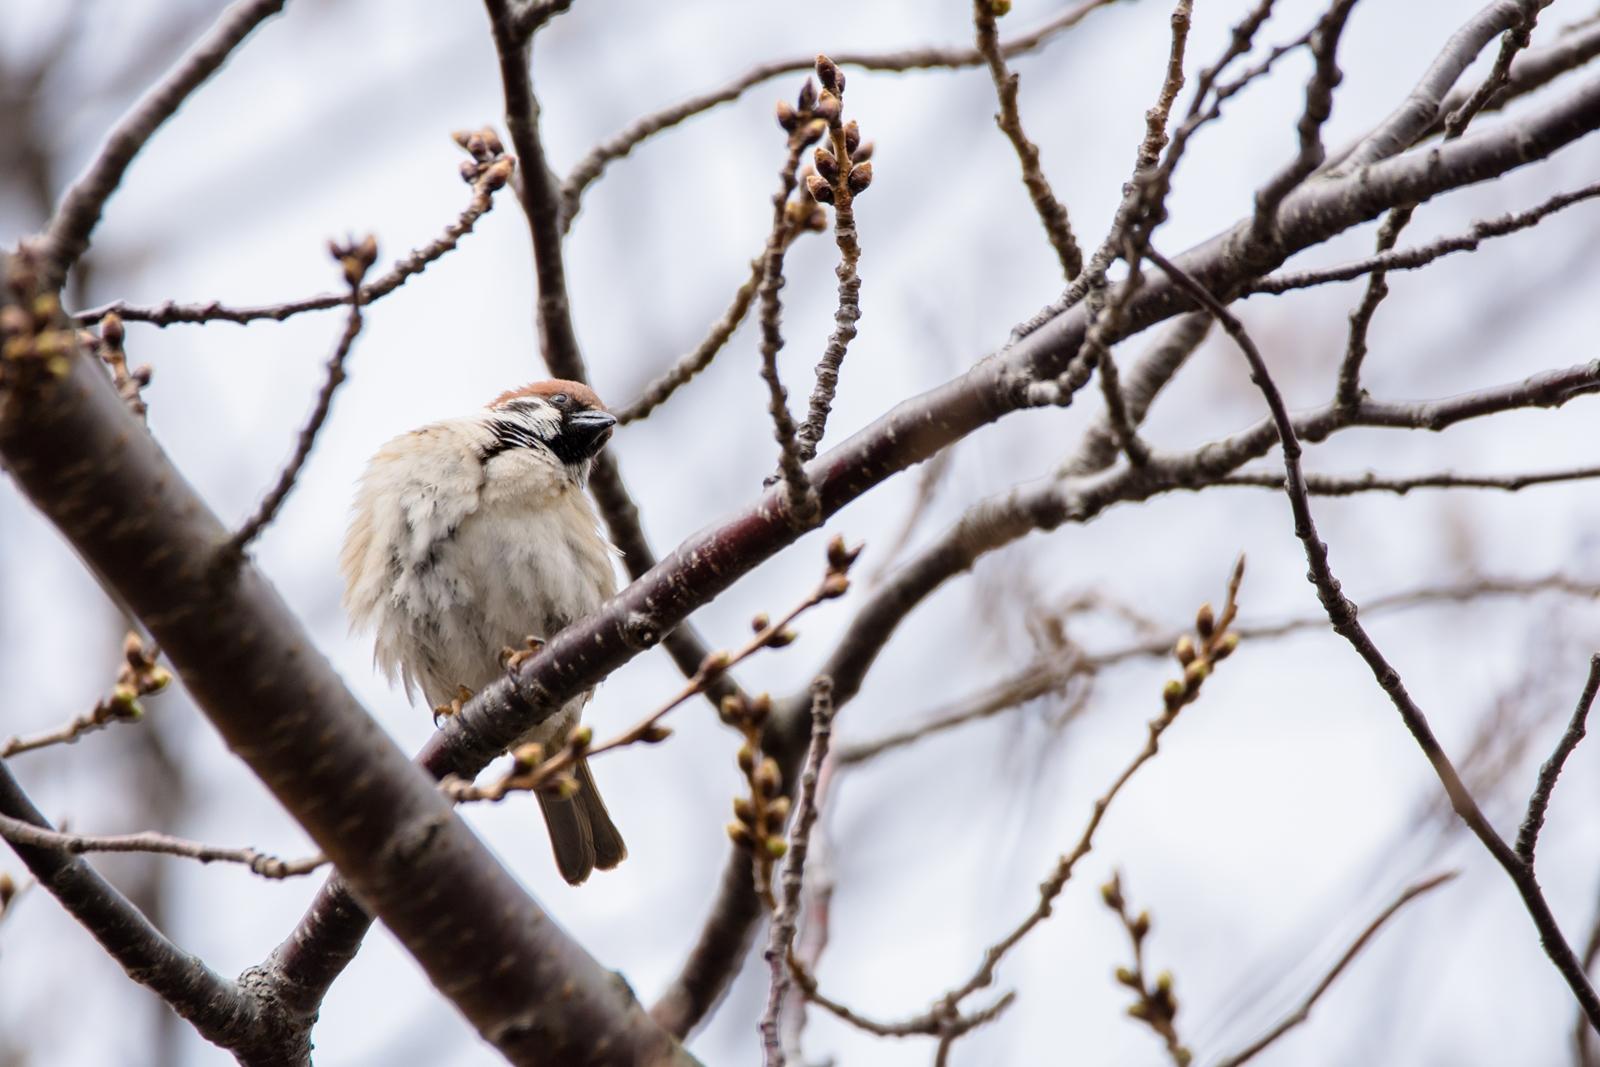 Photo: 「わくわくしてる」 / I can't wait.  ぷくぷく膨らむ ちいさな蕾たち まだ寒い日もあるけど 想像するだけで 気持ちがわくわく高鳴っていく  sparrow. (スズメ)  Nikon D7200 SIGMA 150-600mm F5-6.3 DG OS HSM Contemporary  #birdphotography #birds #kawaii #小鳥 #nikon #sigma #小鳥グラファー  ( http://takafumiooshio.com/archives/1217 )